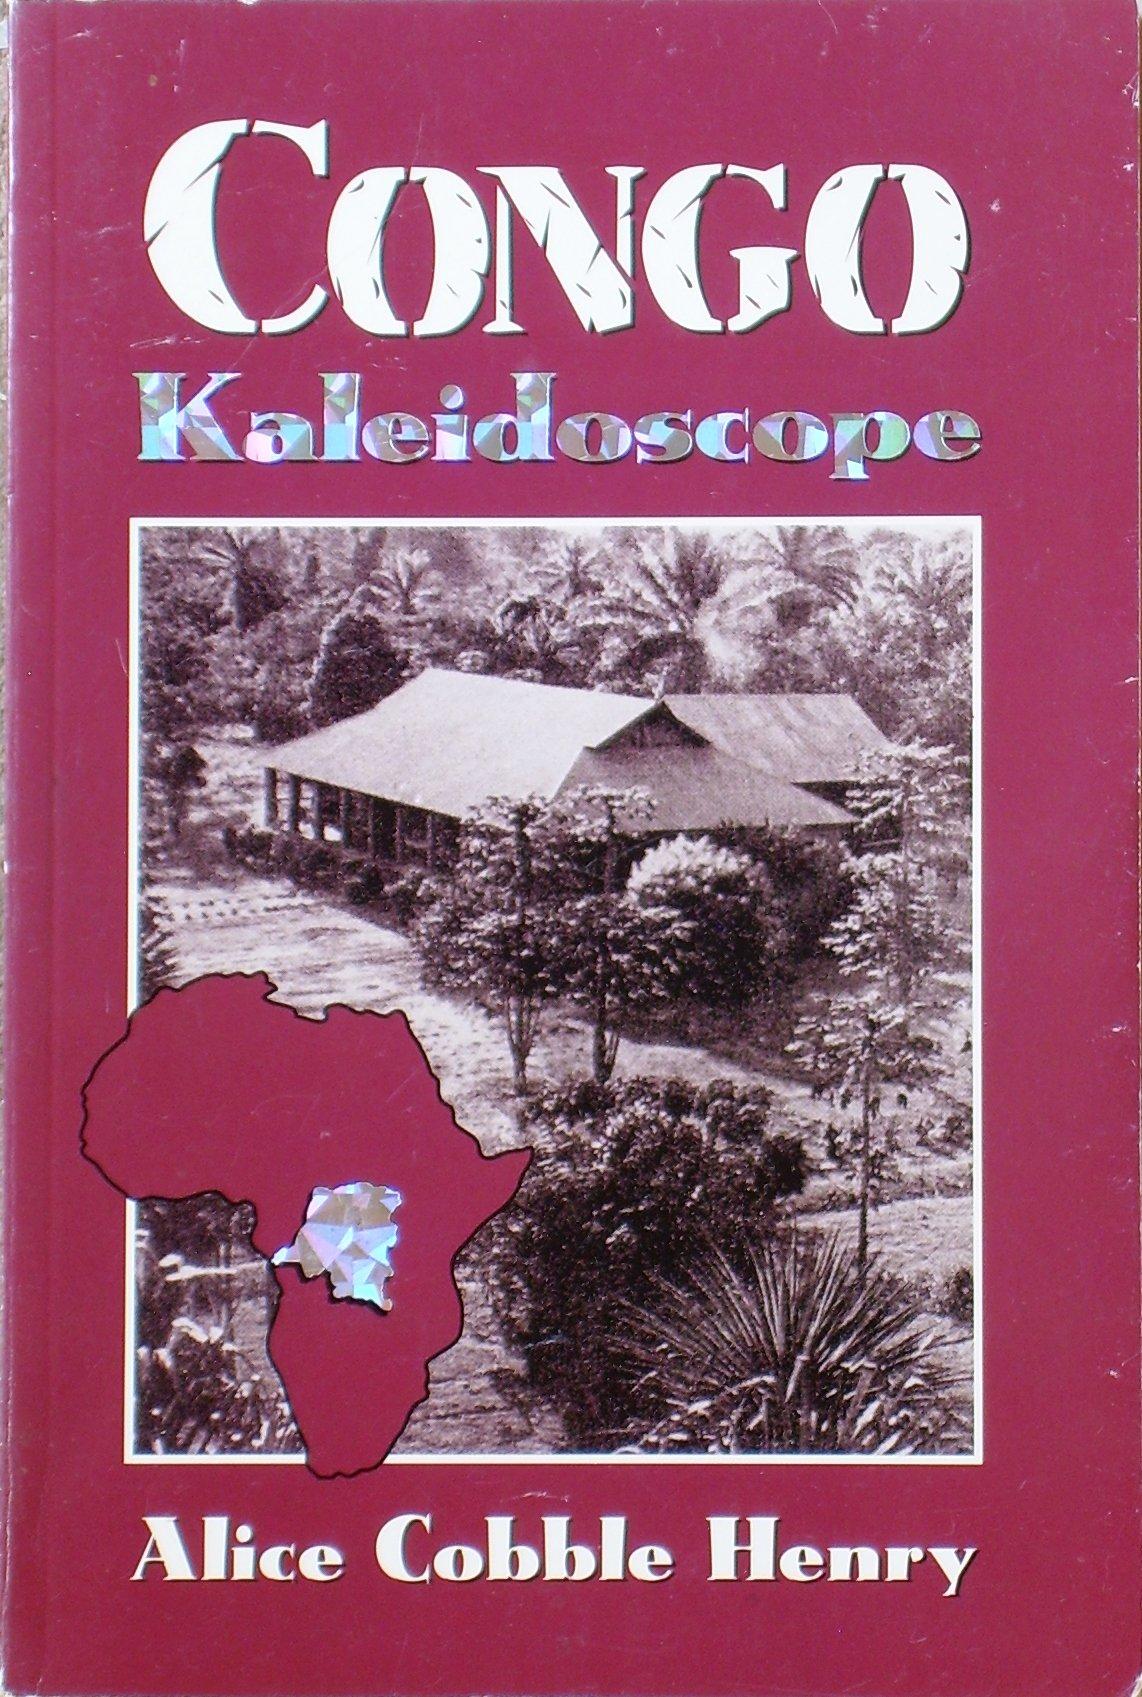 Congo kaleidoscope